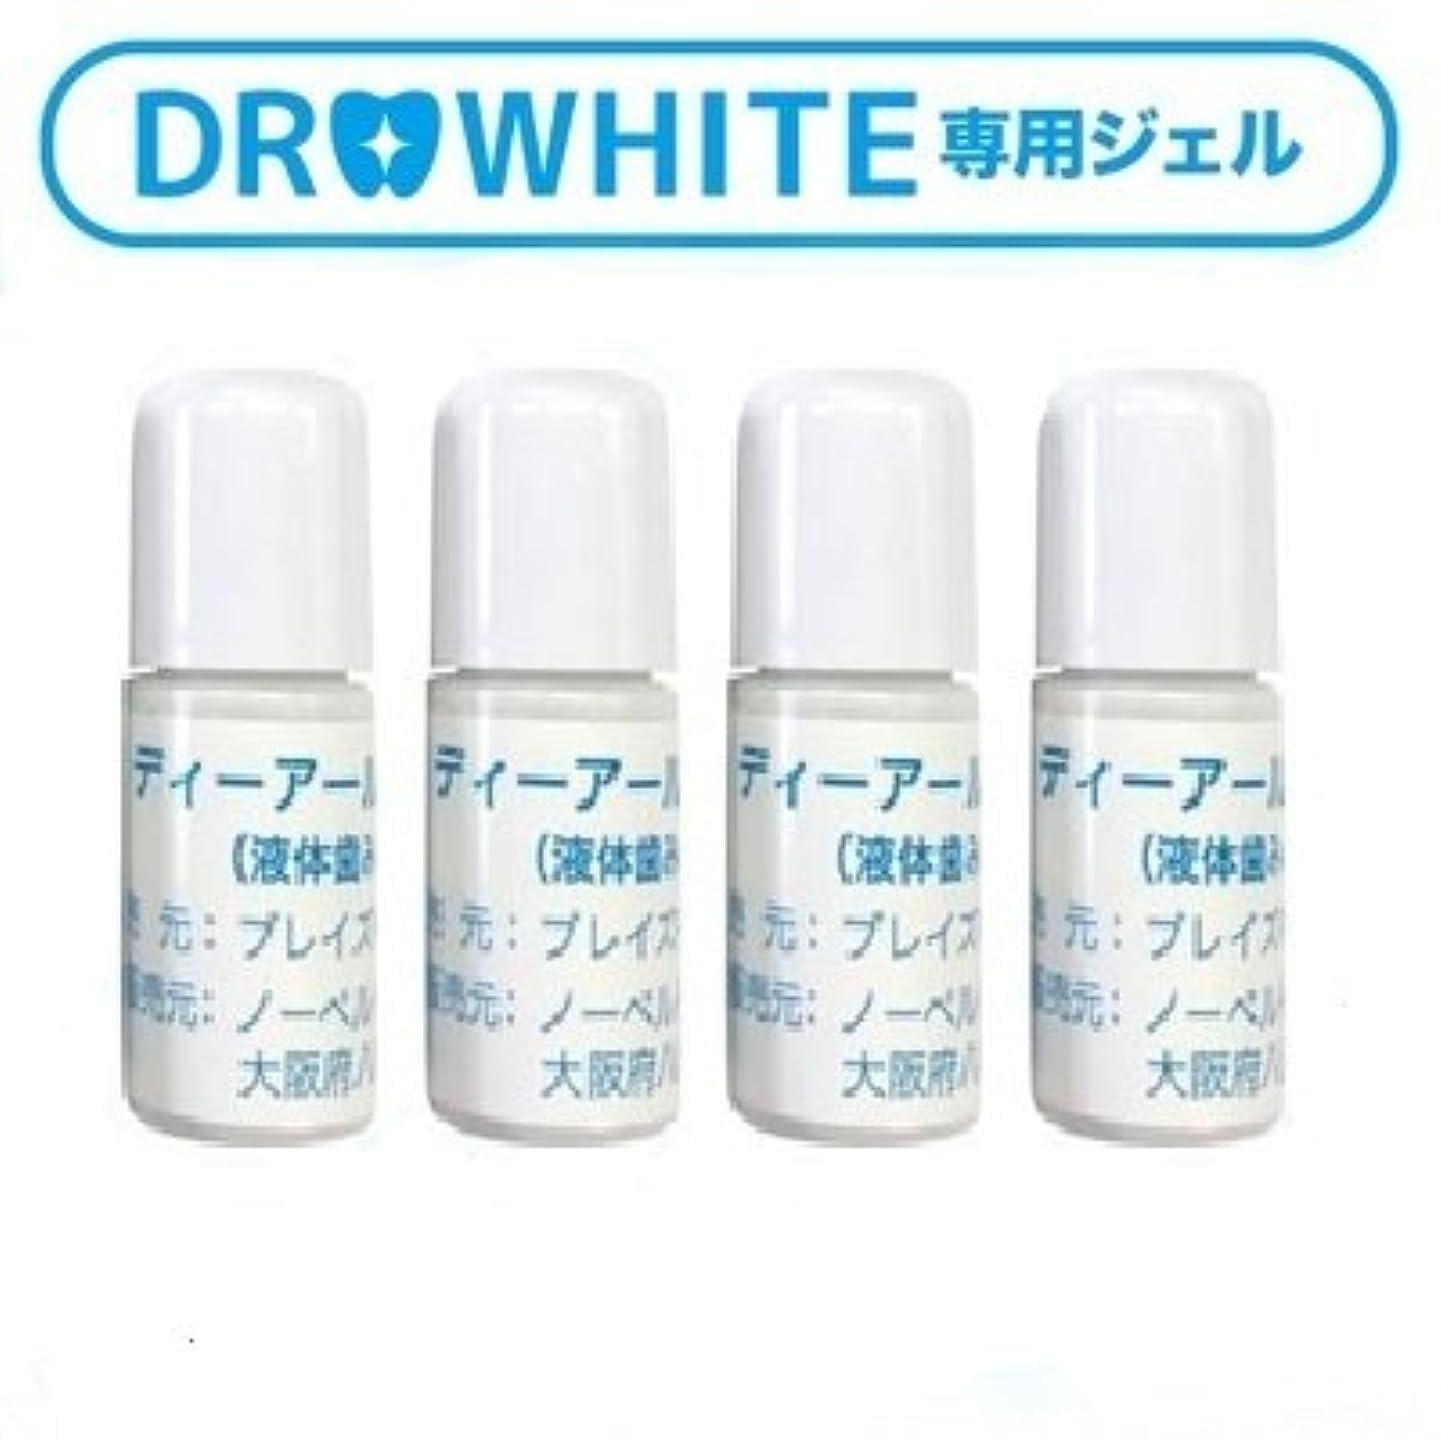 優遇実り多い大邸宅DR.WHITE(ドクターホワイト)用 液体歯みがき4本